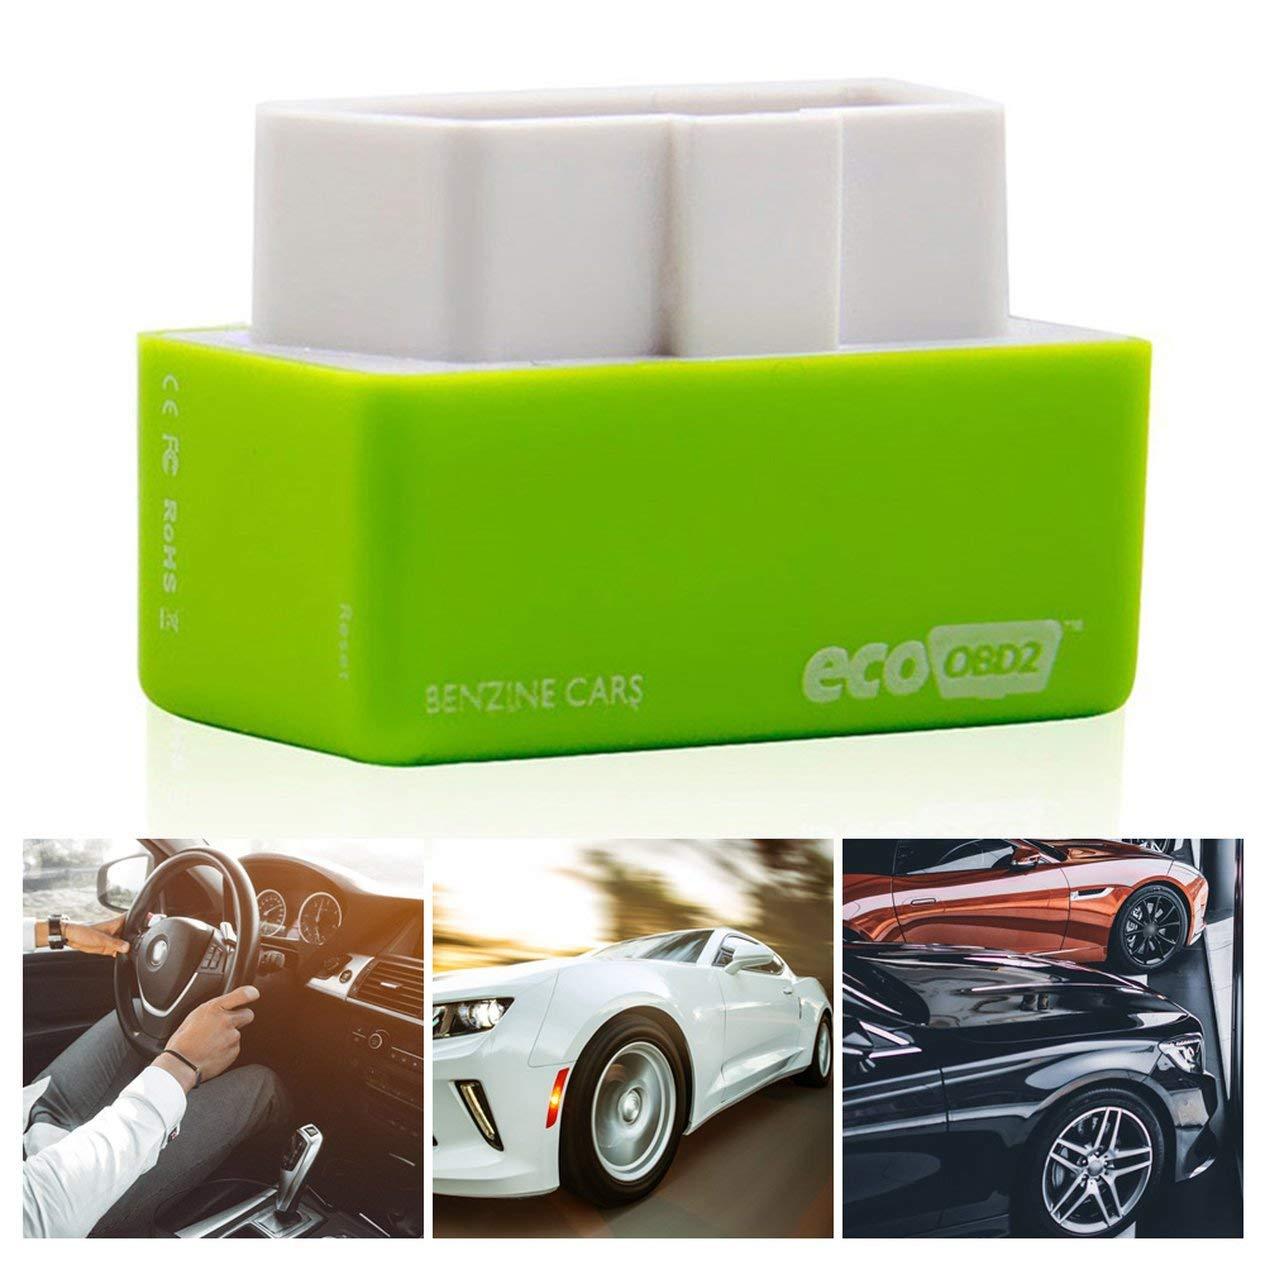 EdBerk74 /Économiseur de carburant /à essence pour v/éhicule automobile R/éduire les /émissions /Émetteur de carburant /à essence NITRO-OBD2 /Économiseur de carburant /à essence